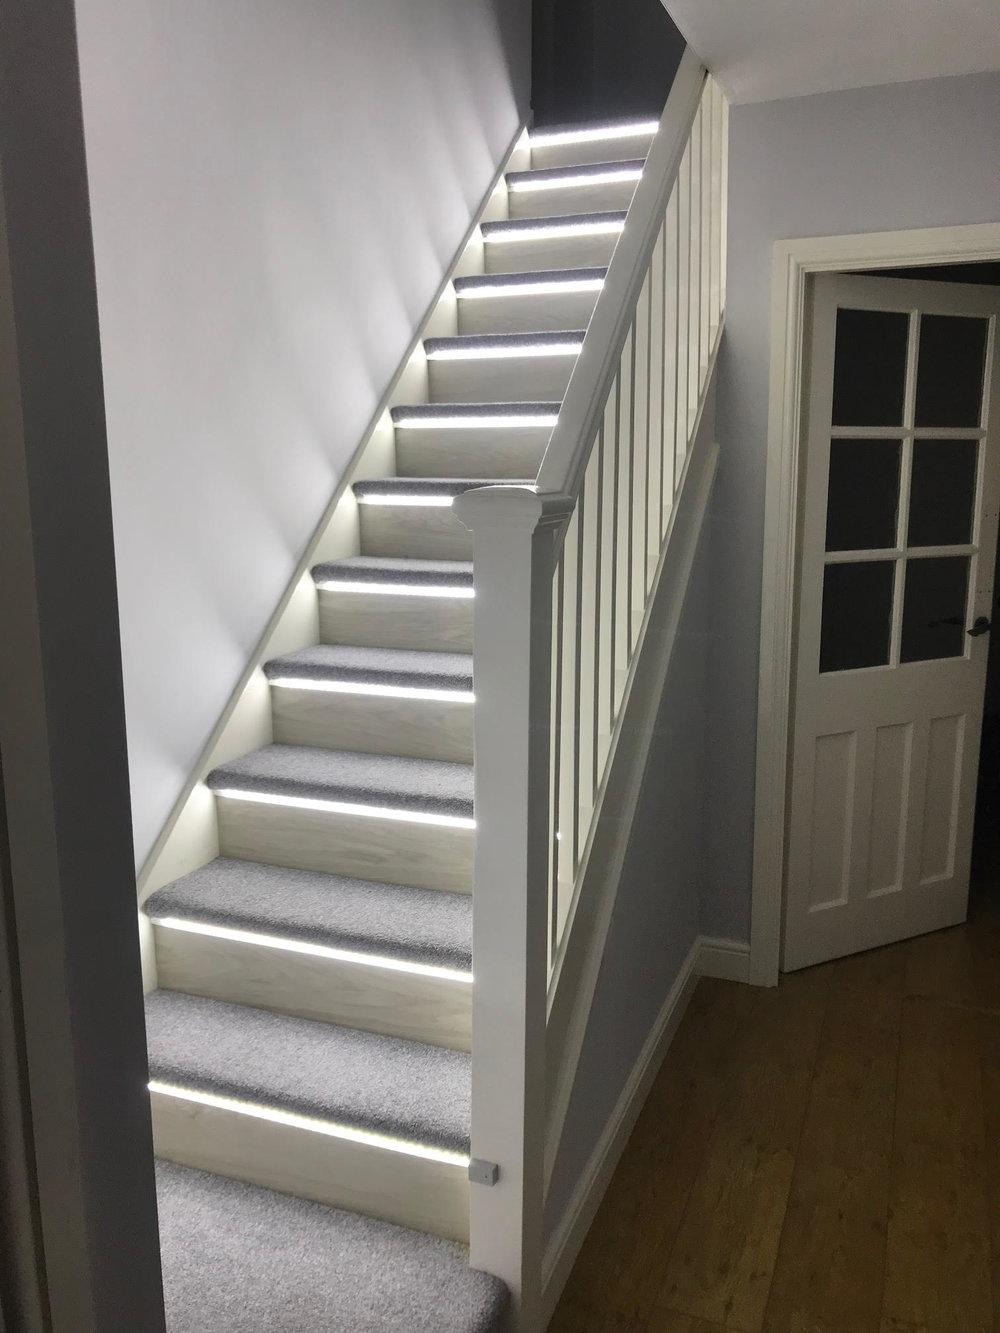 Stair-Lights-white-lights.jpg